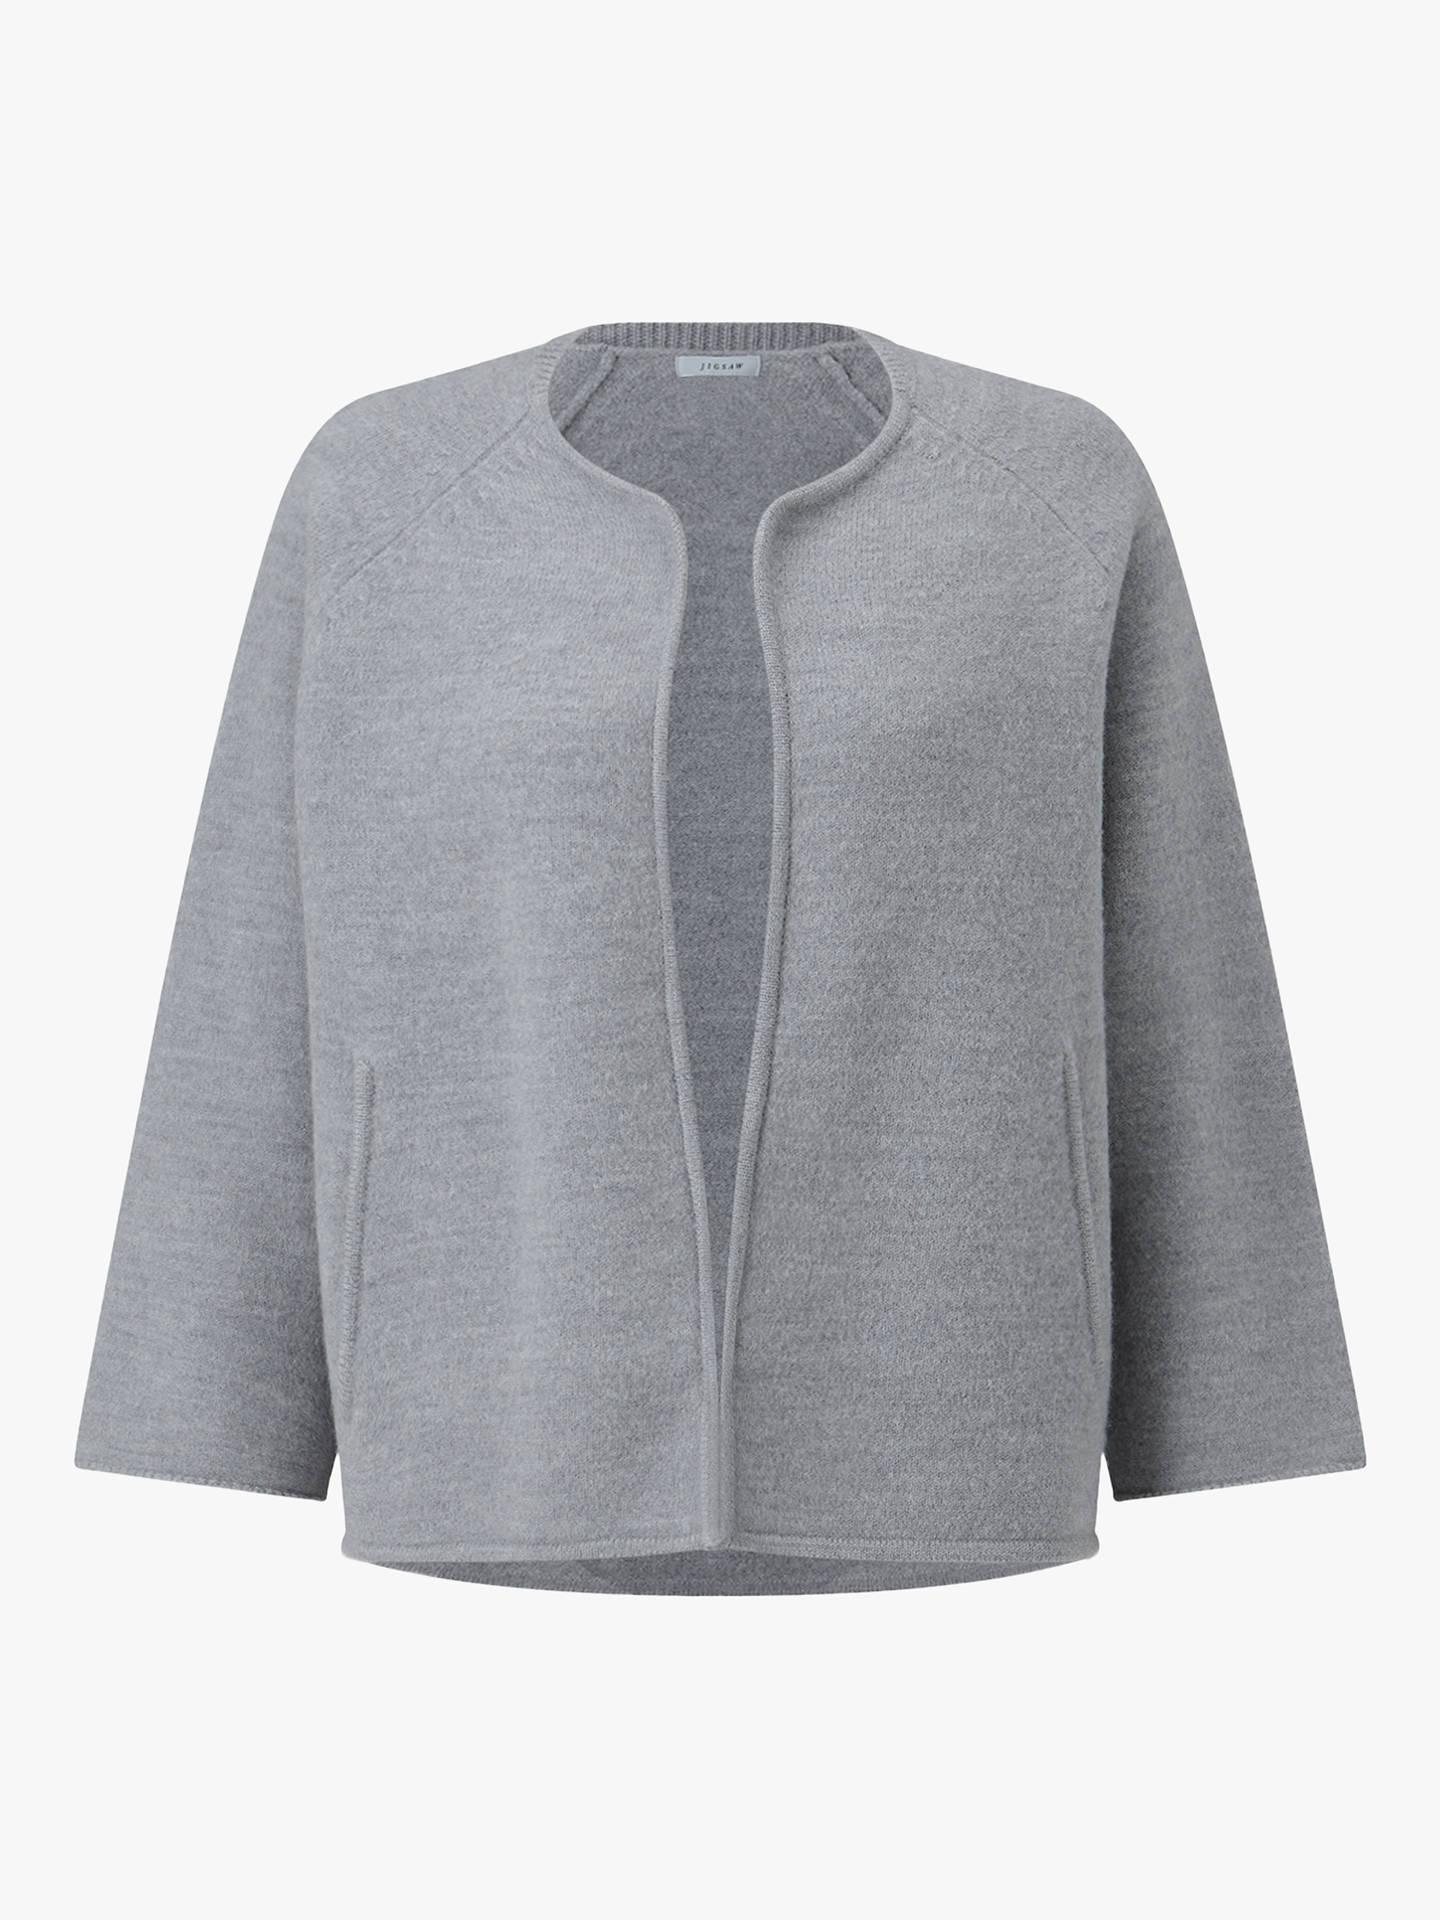 Jigsaw Boiled Wool Side Zip Jacket Womens New Grey Pale Grey